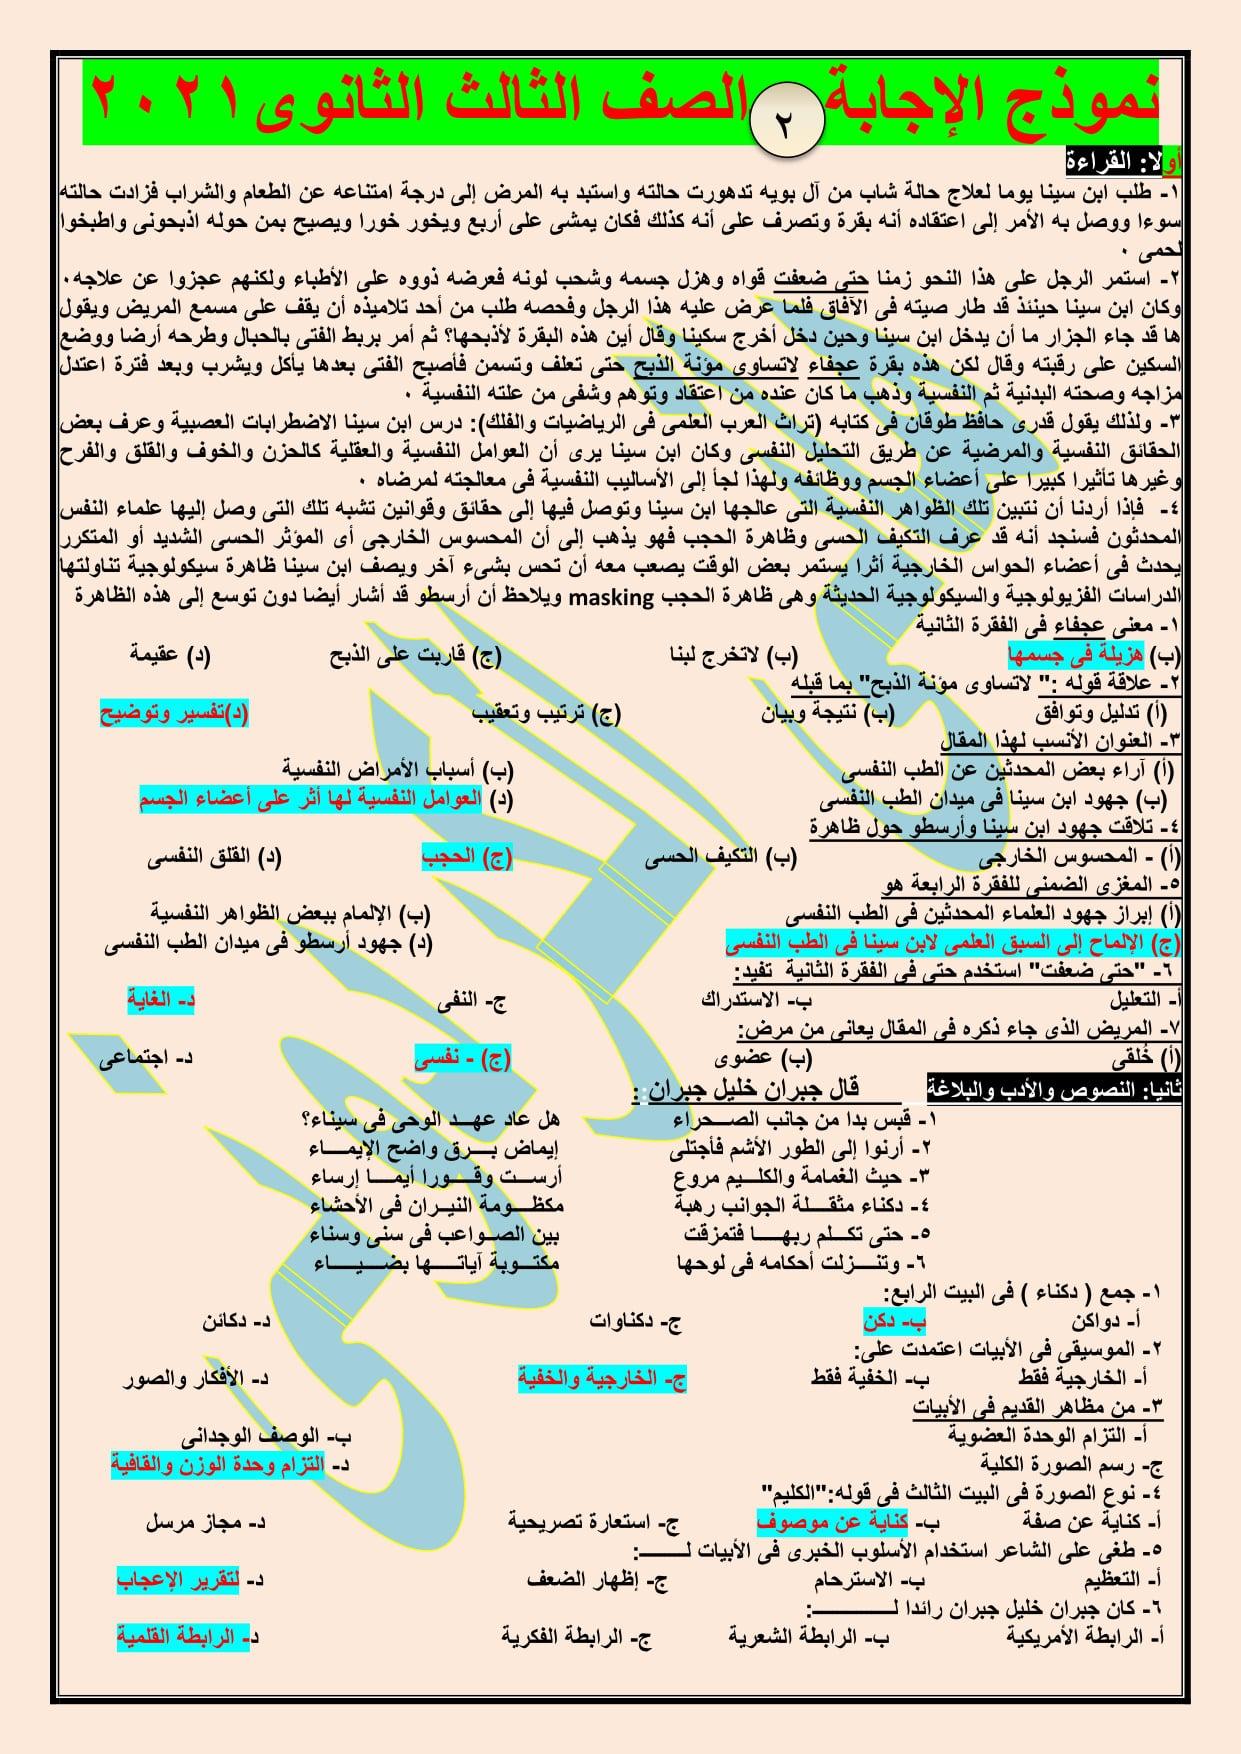 2 نموذج امتحان لغة عربية مجاب للصف الثالث الثانوي 2021 أ/ هاني الكردوني 18